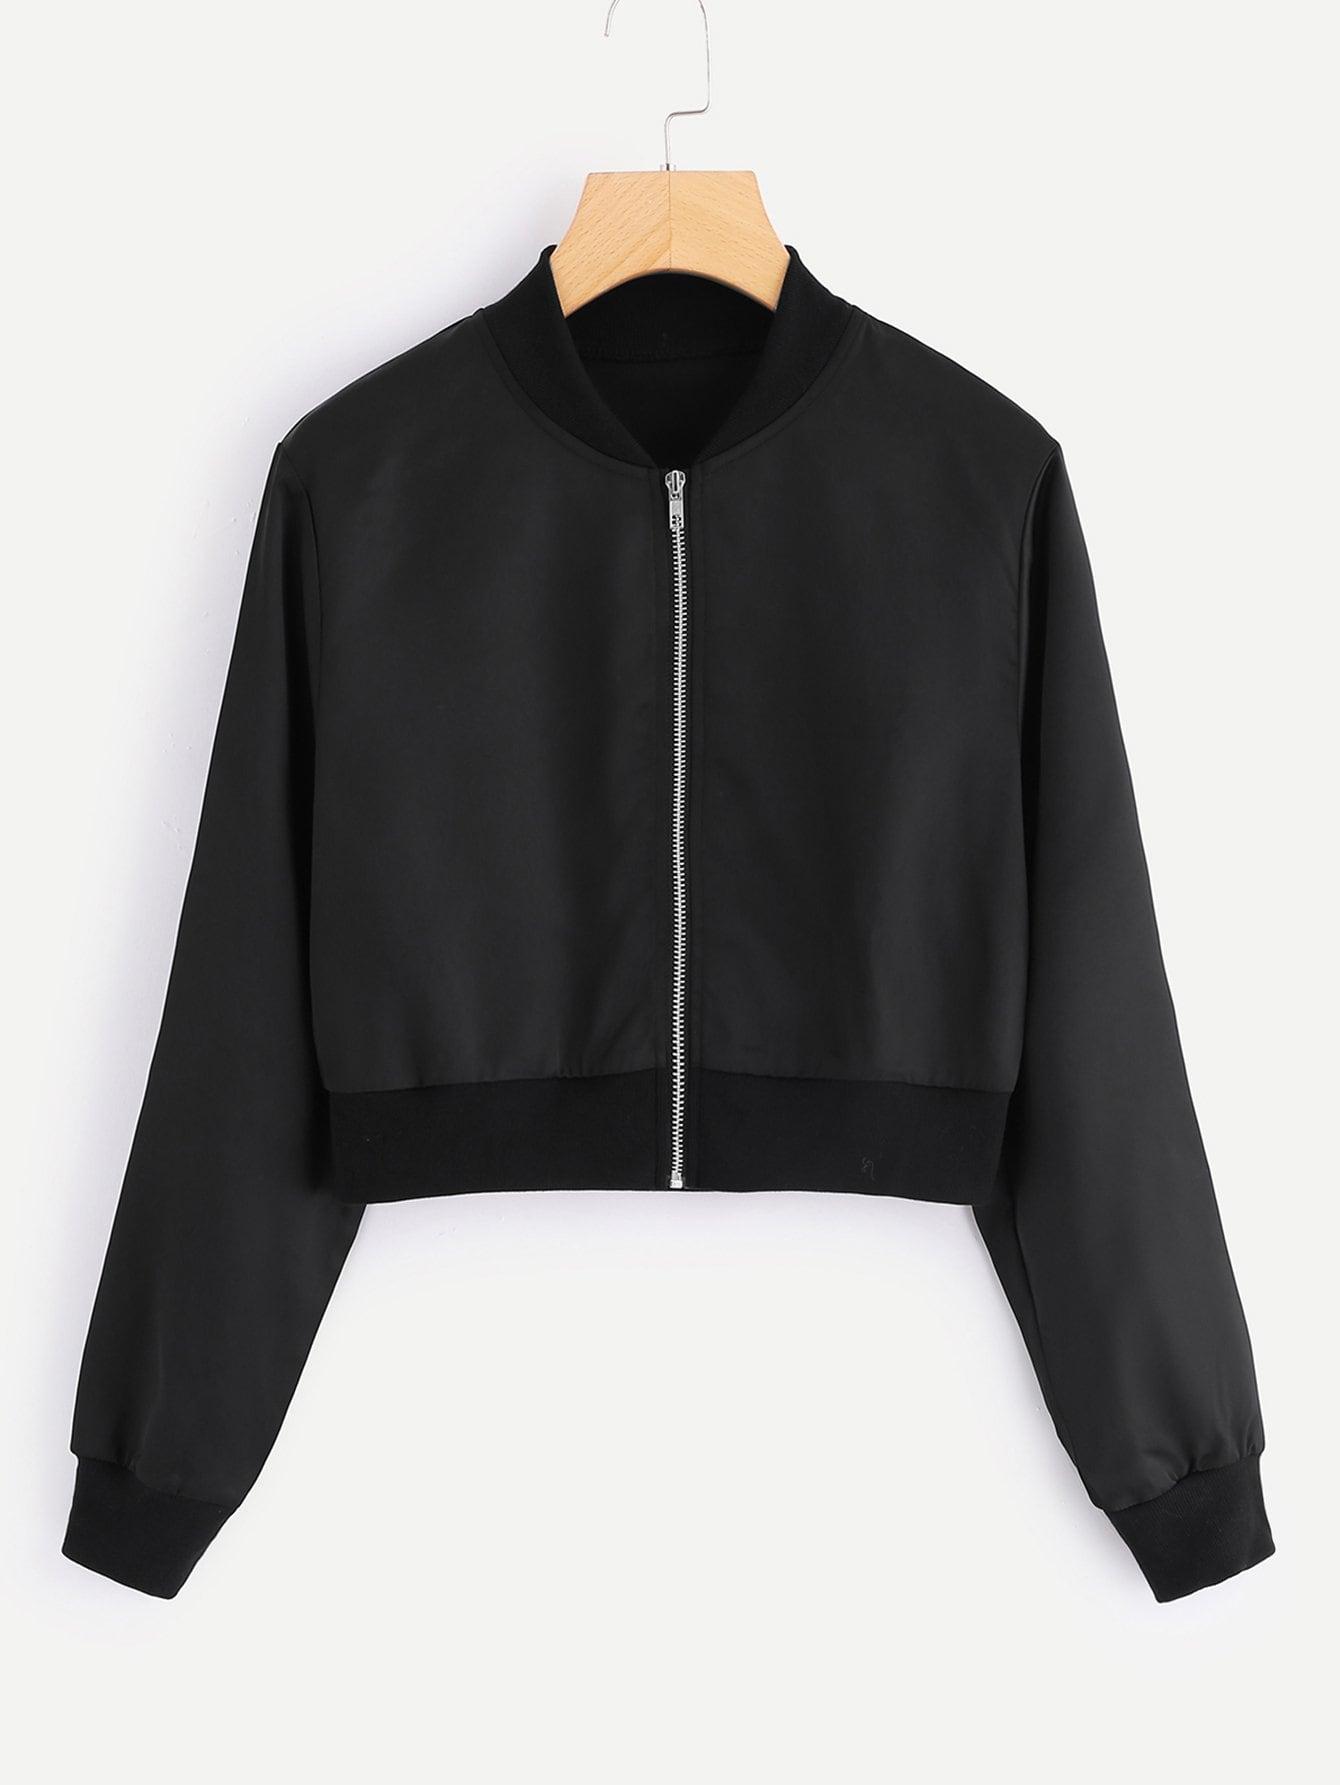 Купить Повседневный Одноцветный бомбардировщик Черный Жакеты + Куртки, null, SheIn